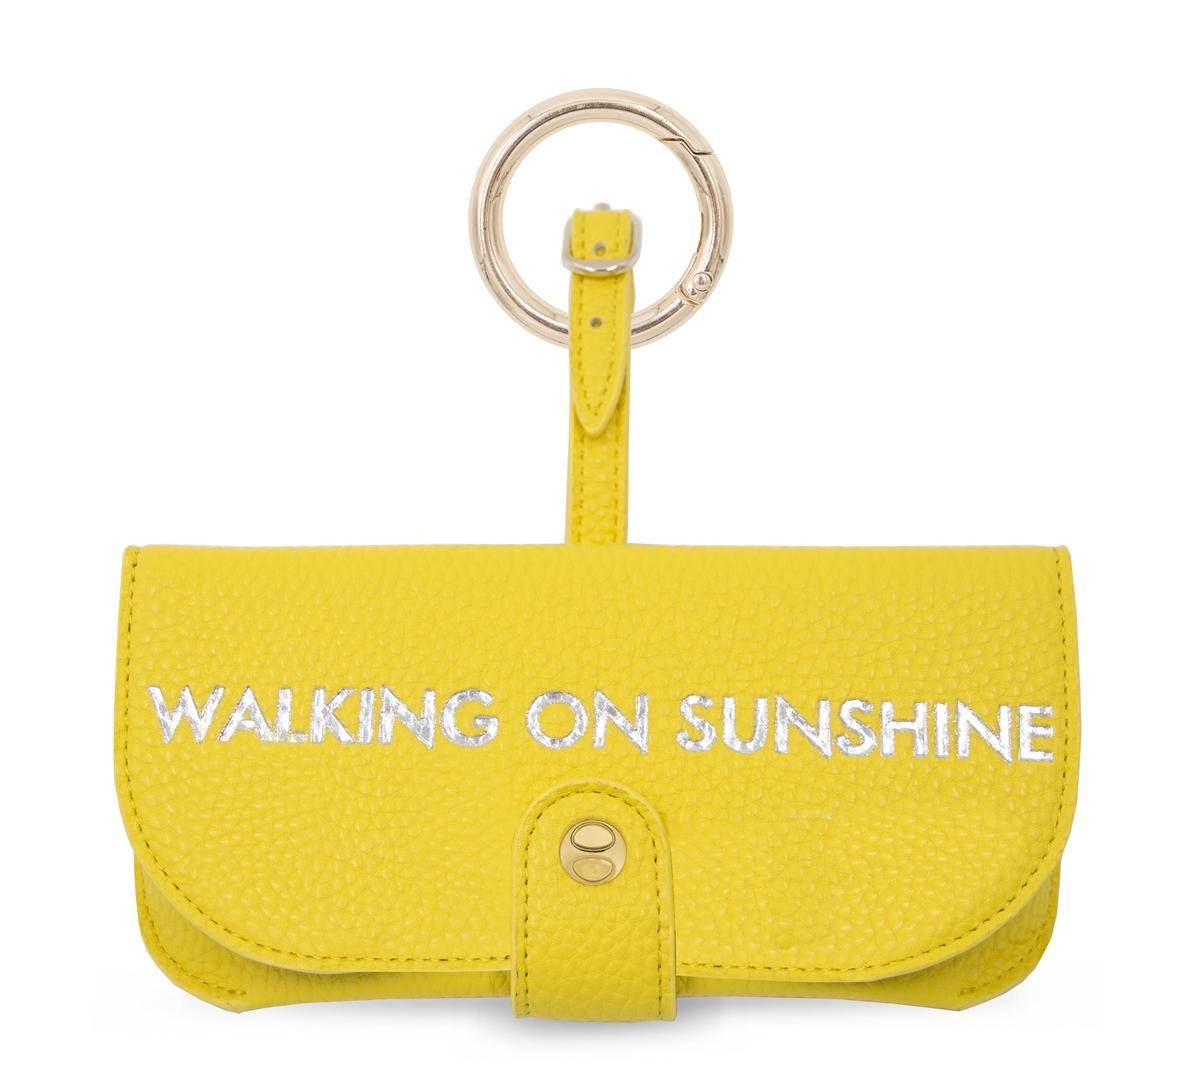 Sunglasses Case Walking on Sunshine